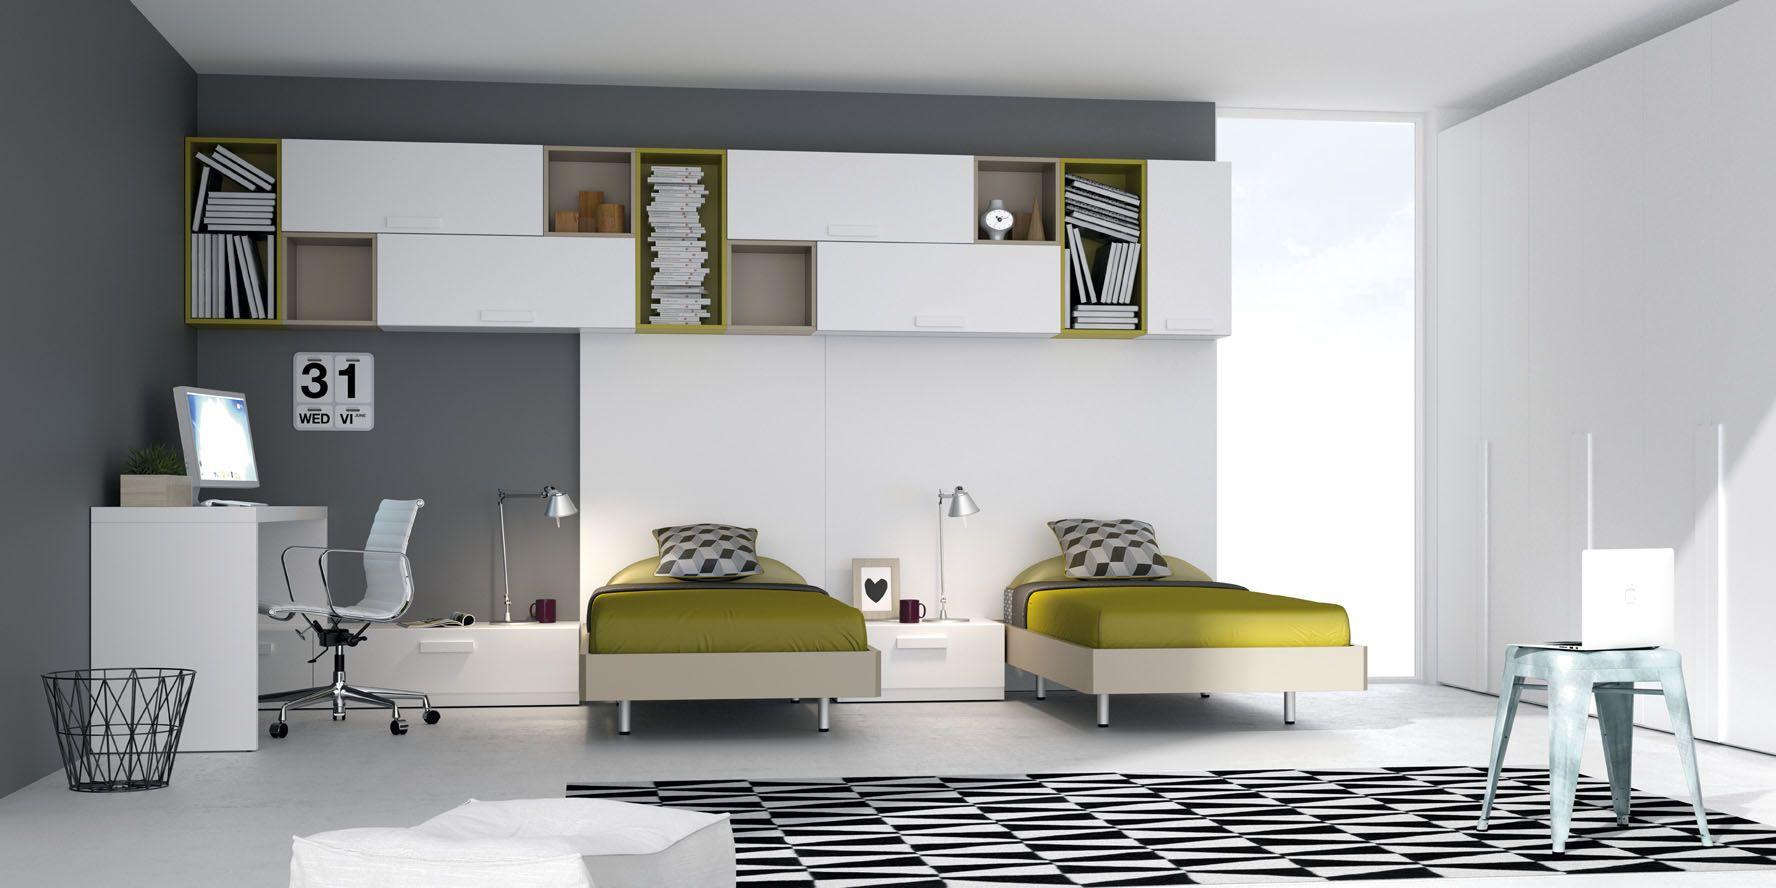 El color de pared los muebles dormitorio pinterest - Disenos de dormitorios juveniles ...